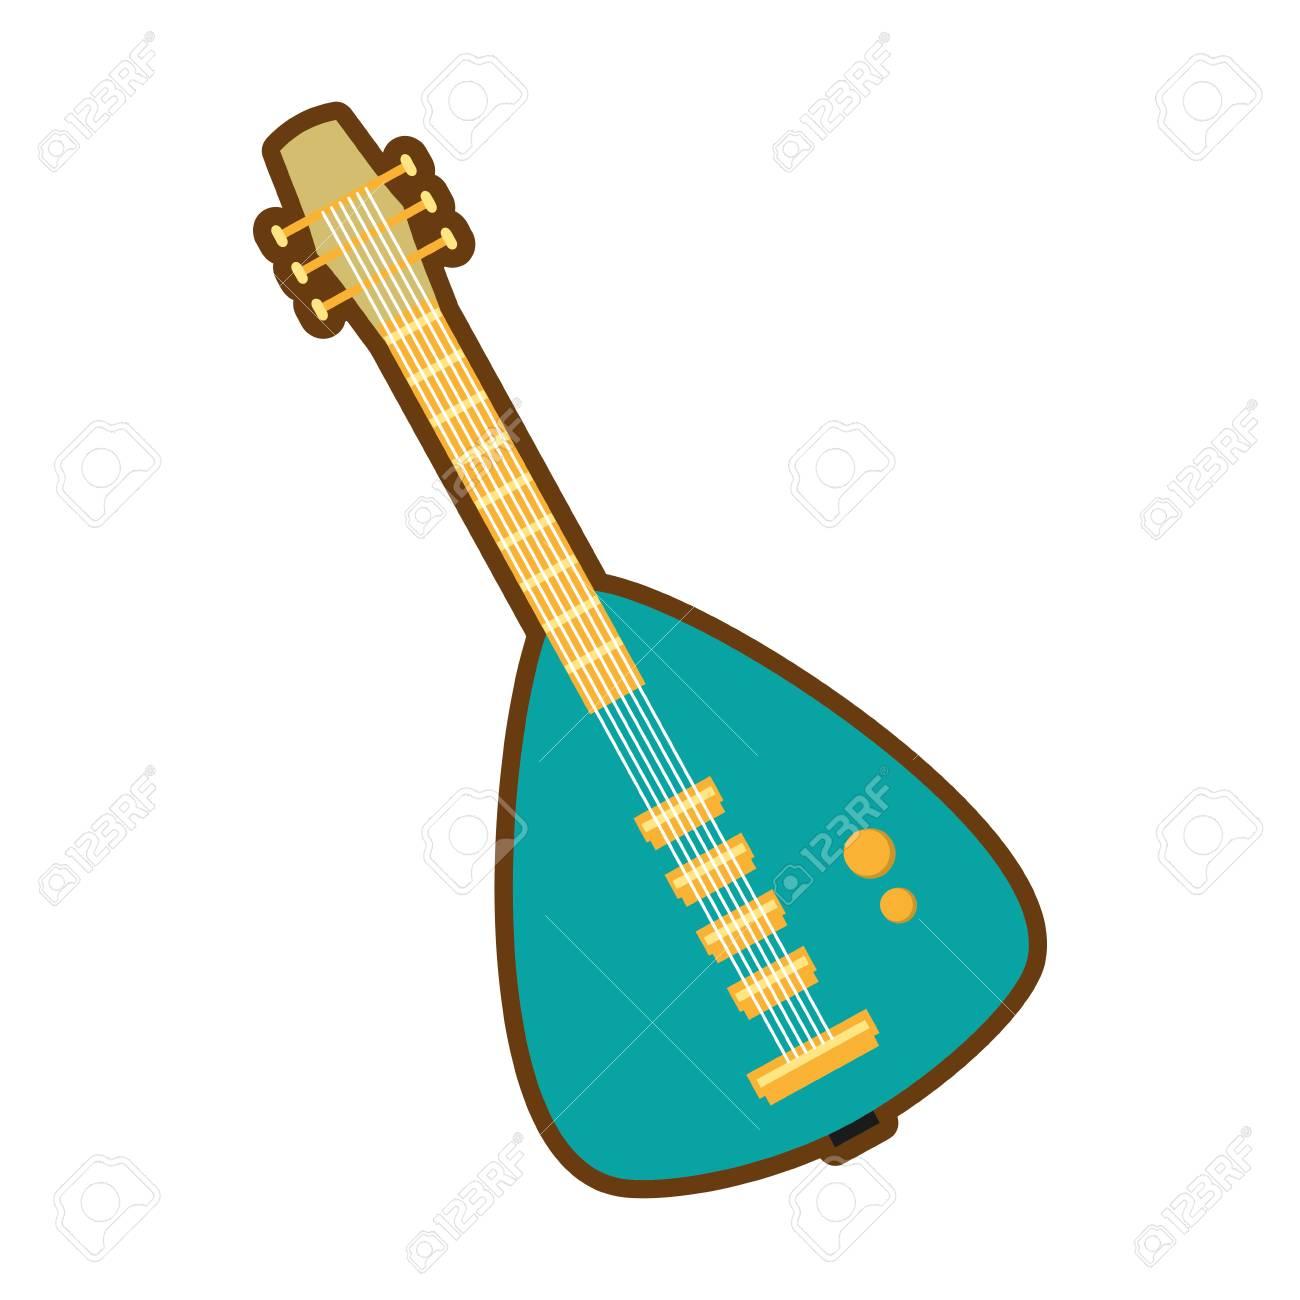 Ilustración De Vector De Icono De Instrumento De Guitarra Eléctrica Verde De Dibujos Animados Eps 10